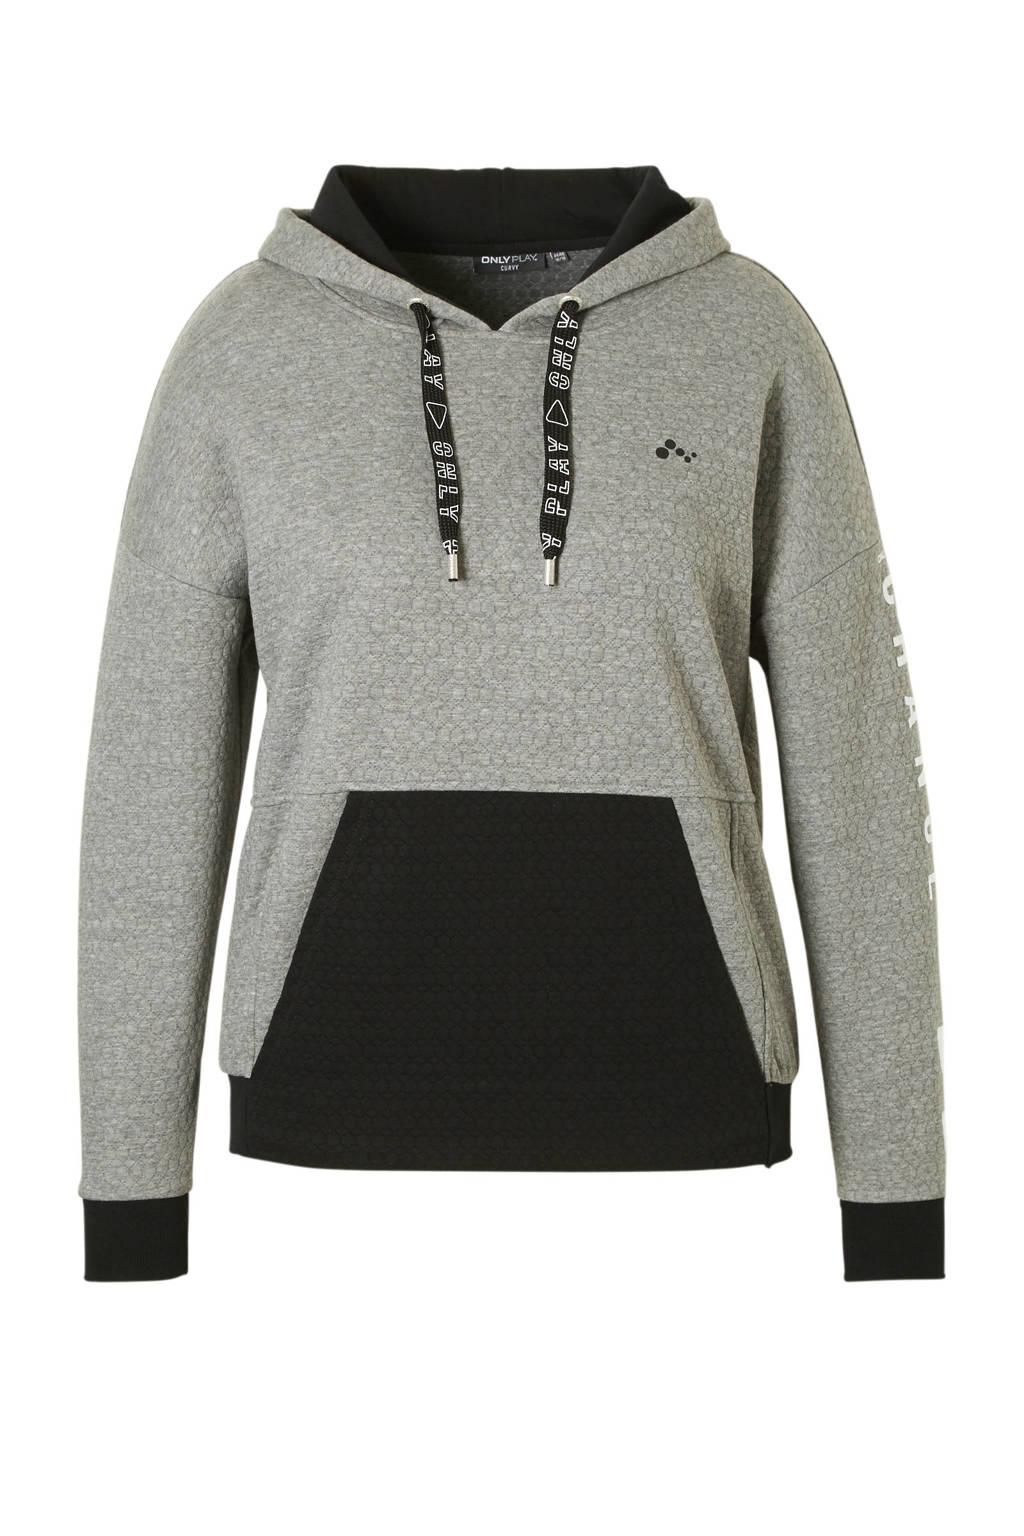 Only Play Curvy sportsweater grijs, Grijs/zwart